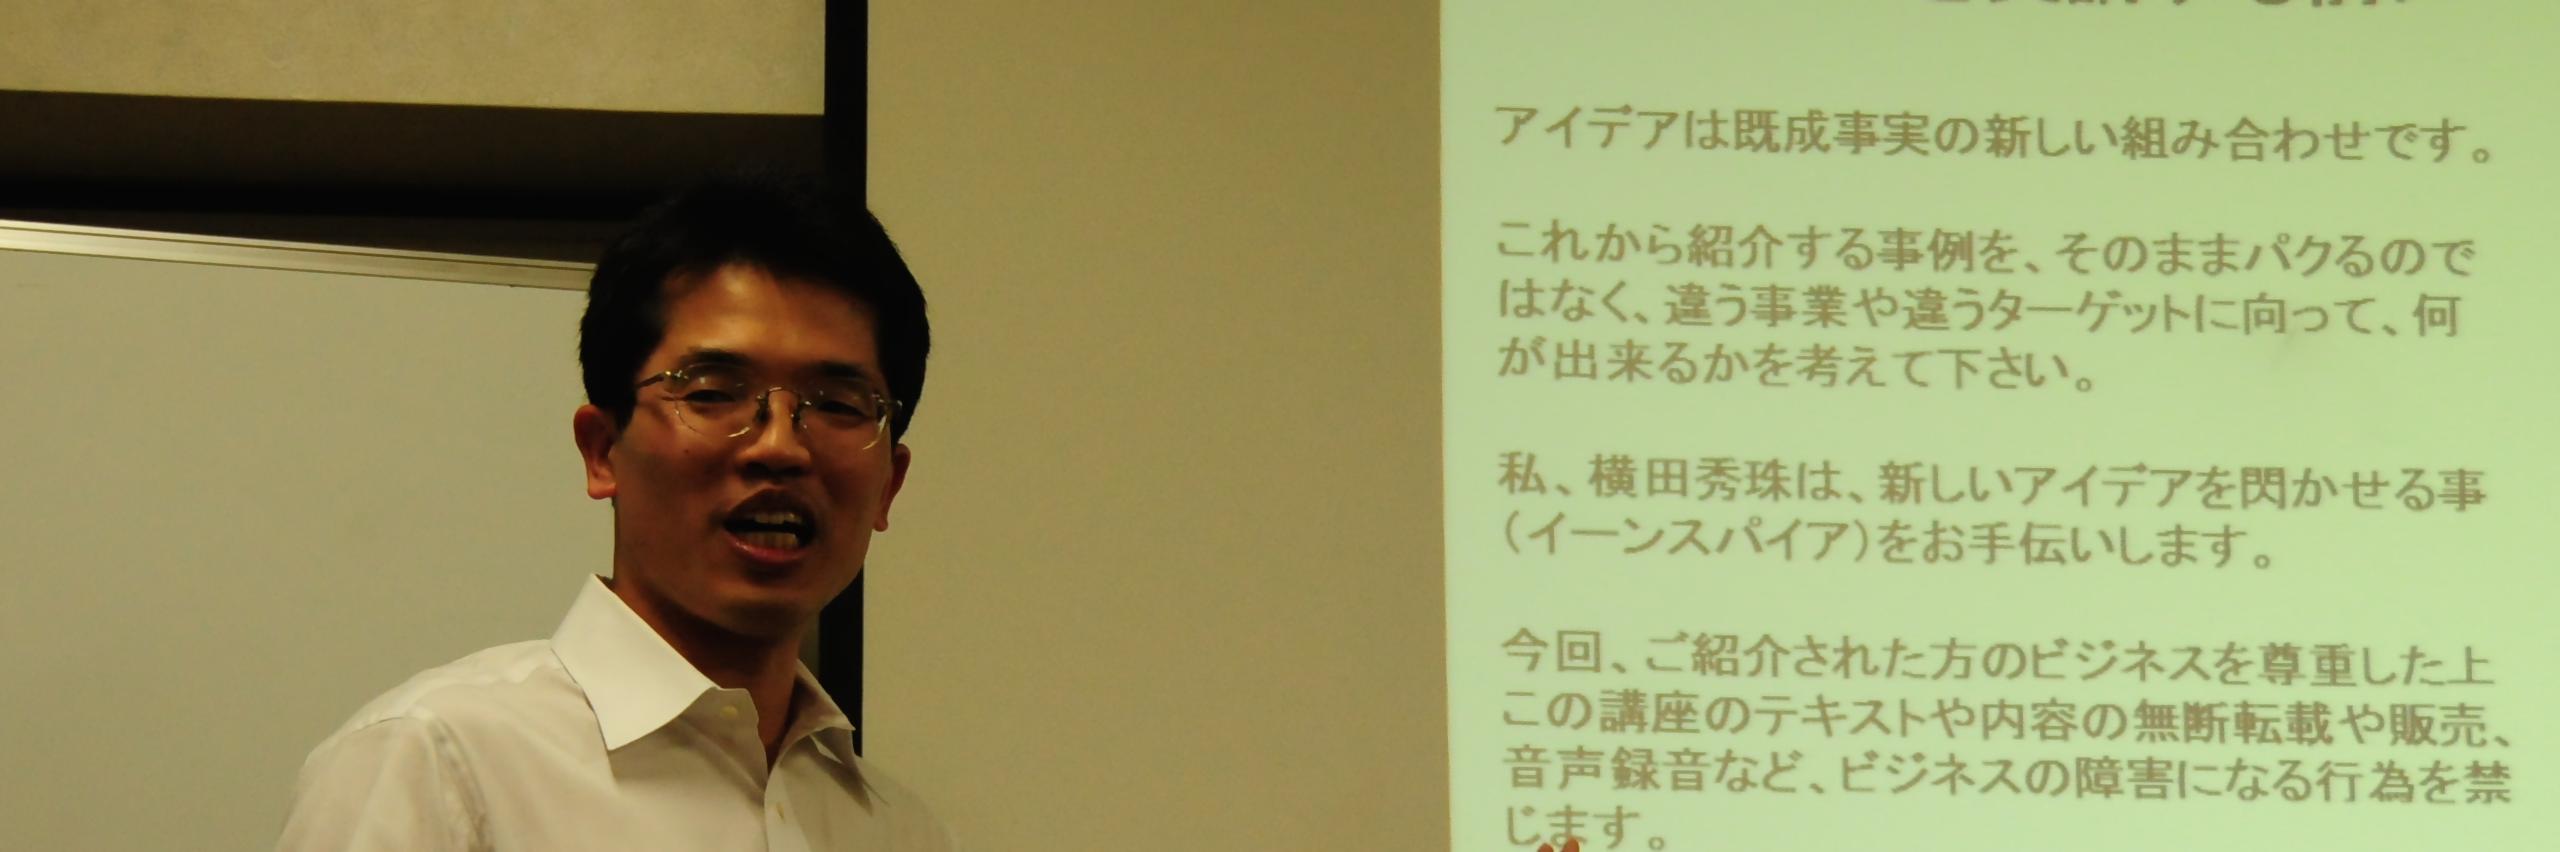 ネットビジネス・アナリスト横田秀珠(新潟ITコンサルタント)